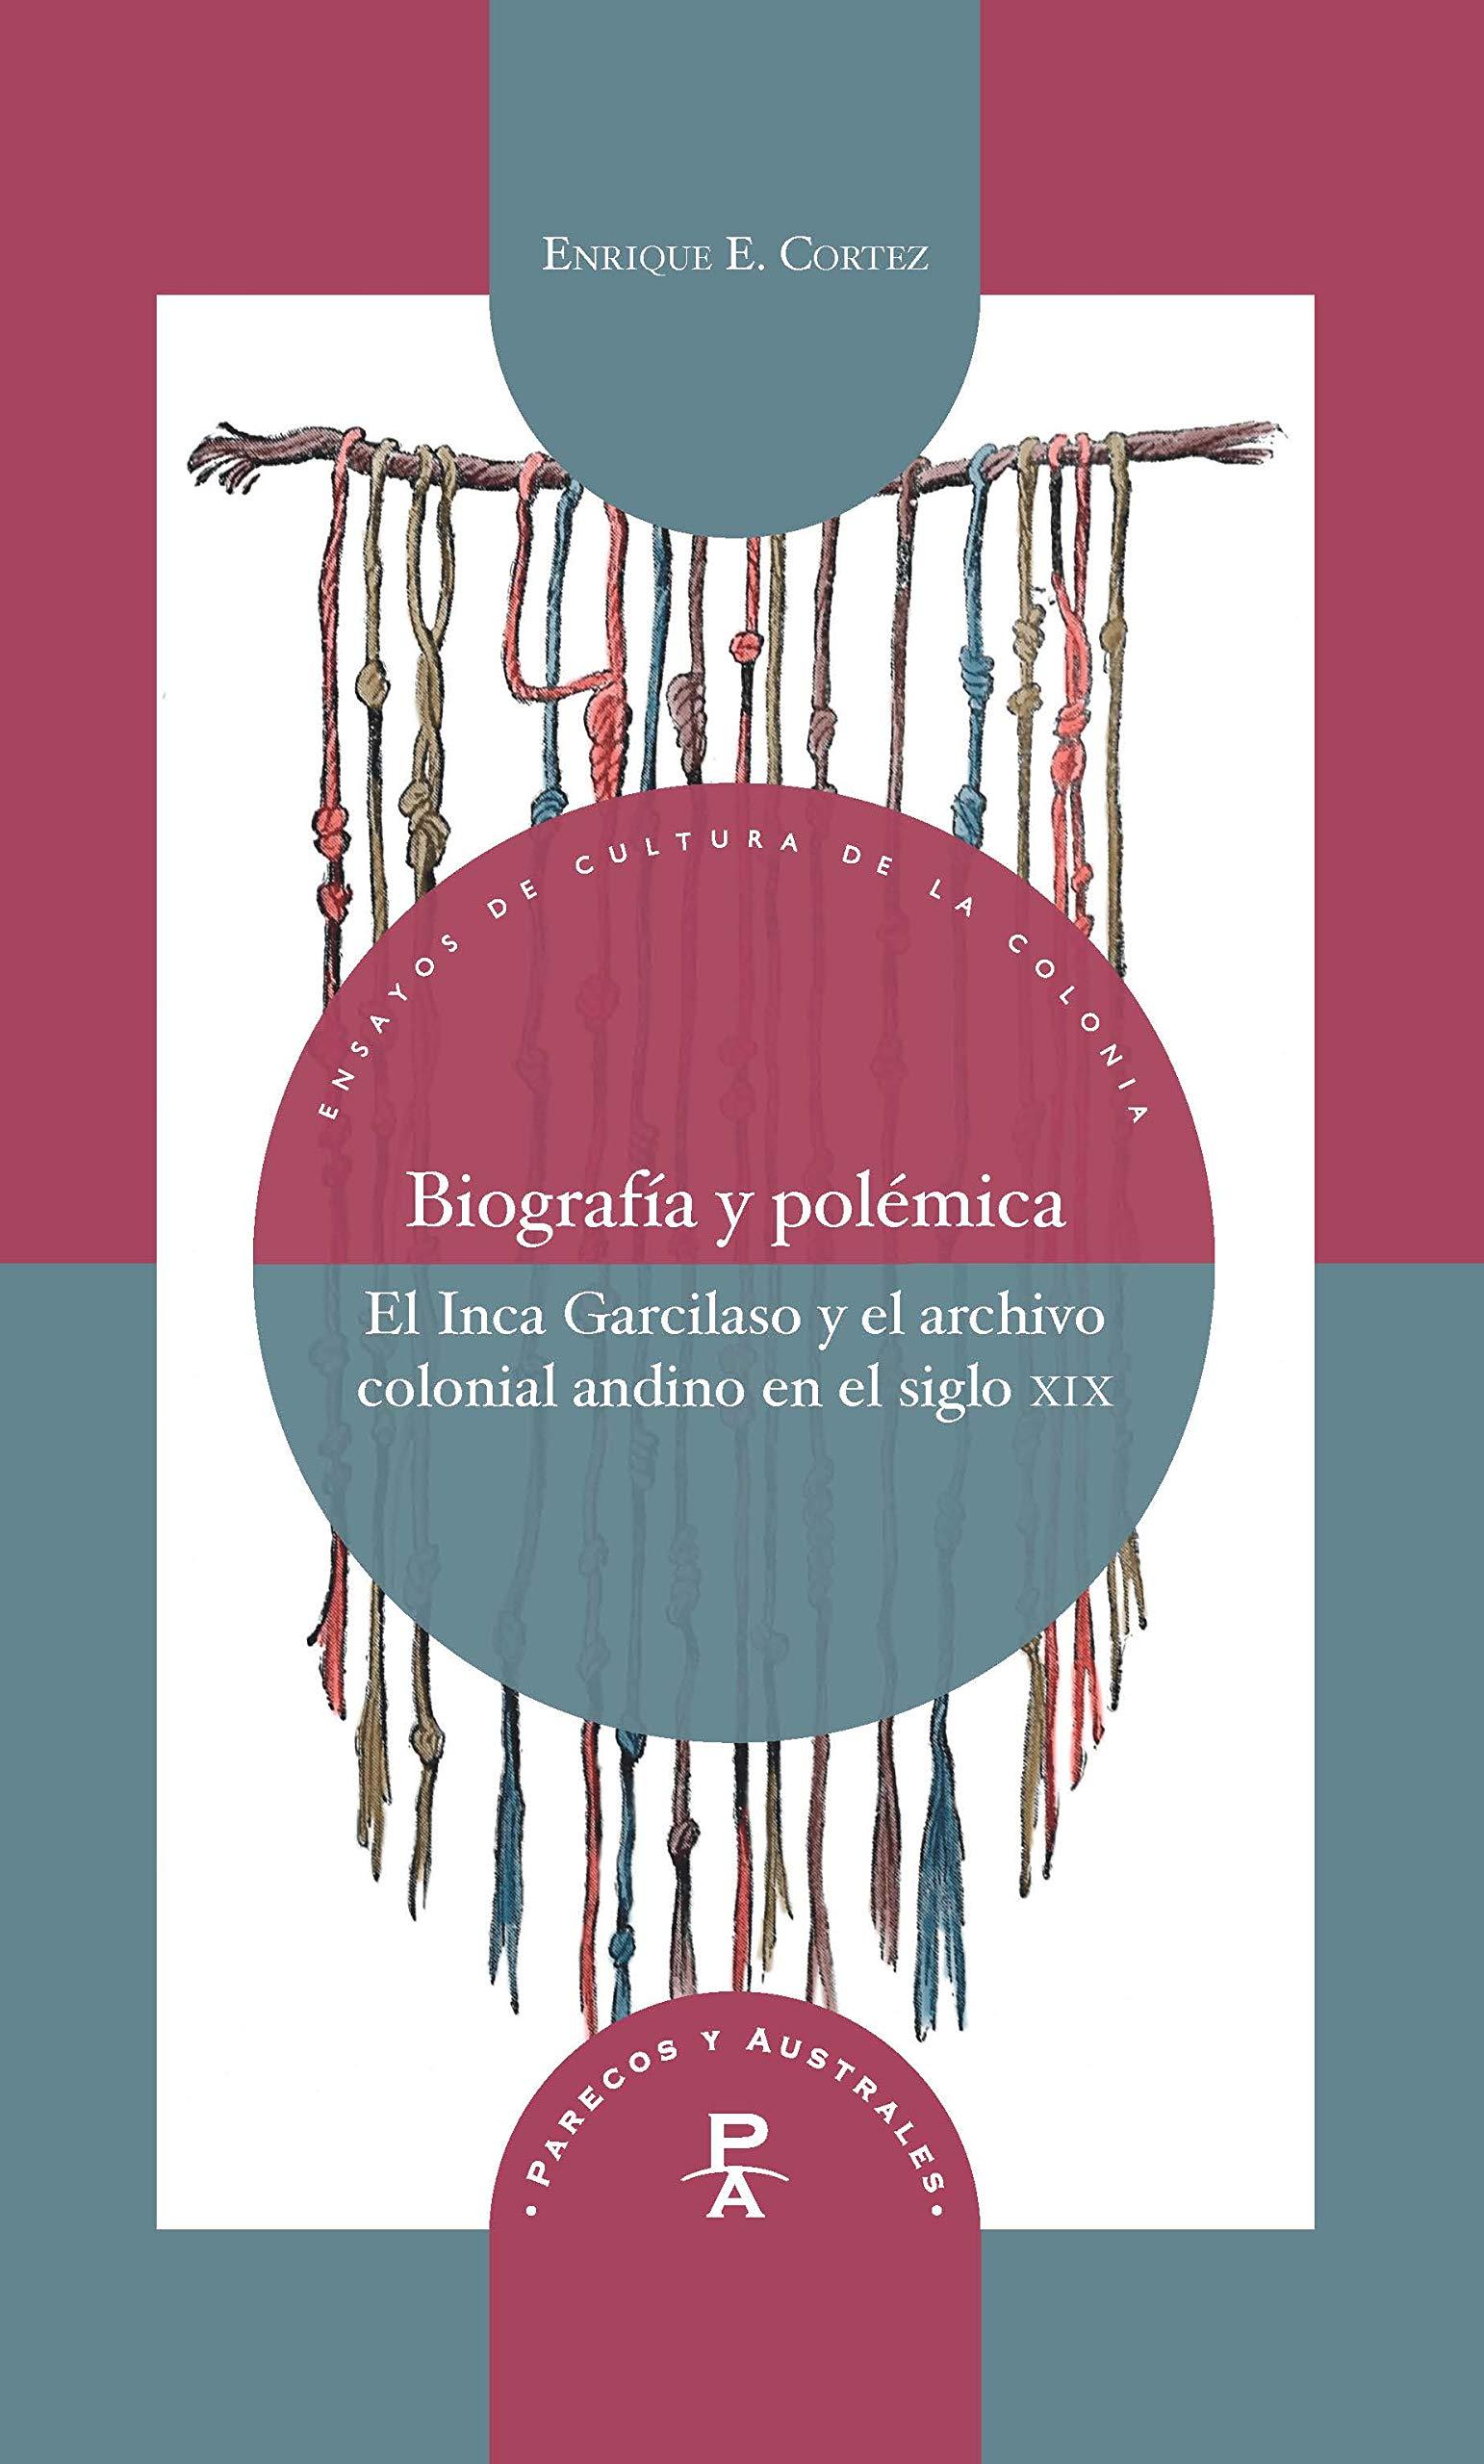 Biografía y polémica : el Inca Garcilaso y el archivo colonial andino en el siglo XIX Parecos y australes. Ensayos de Cultura de la Colonia: Amazon.es: ...